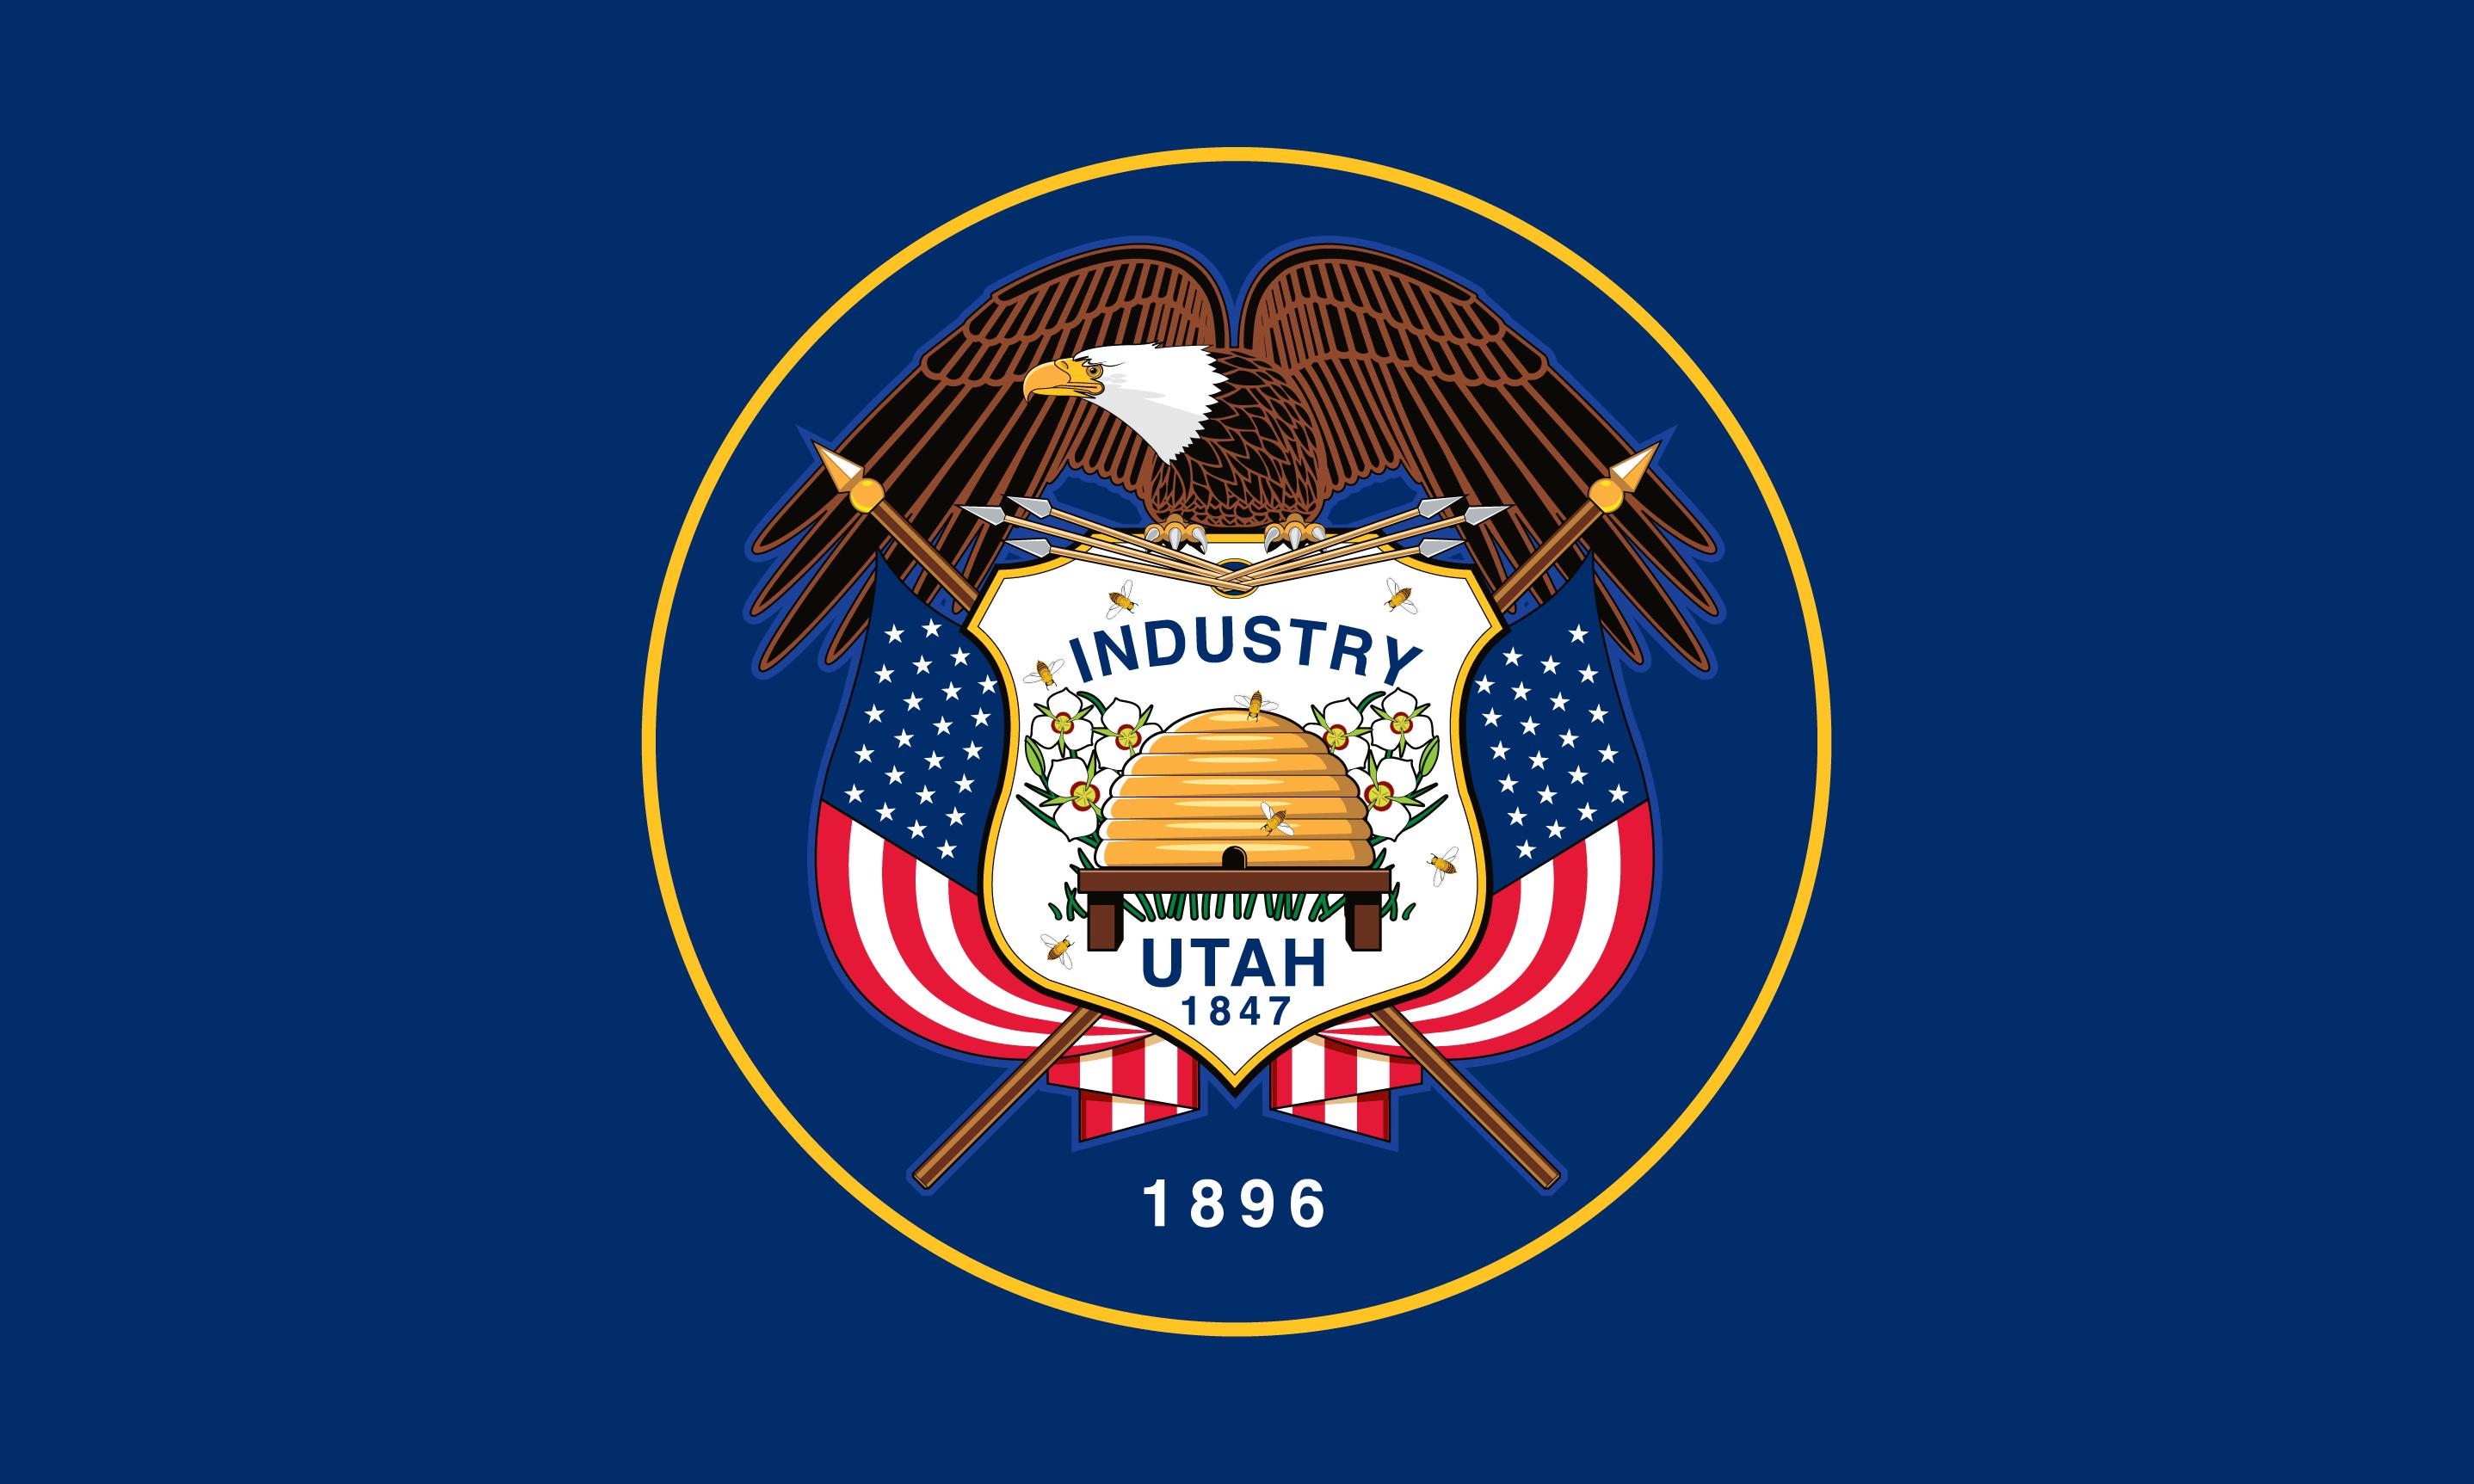 Depiction of Utah